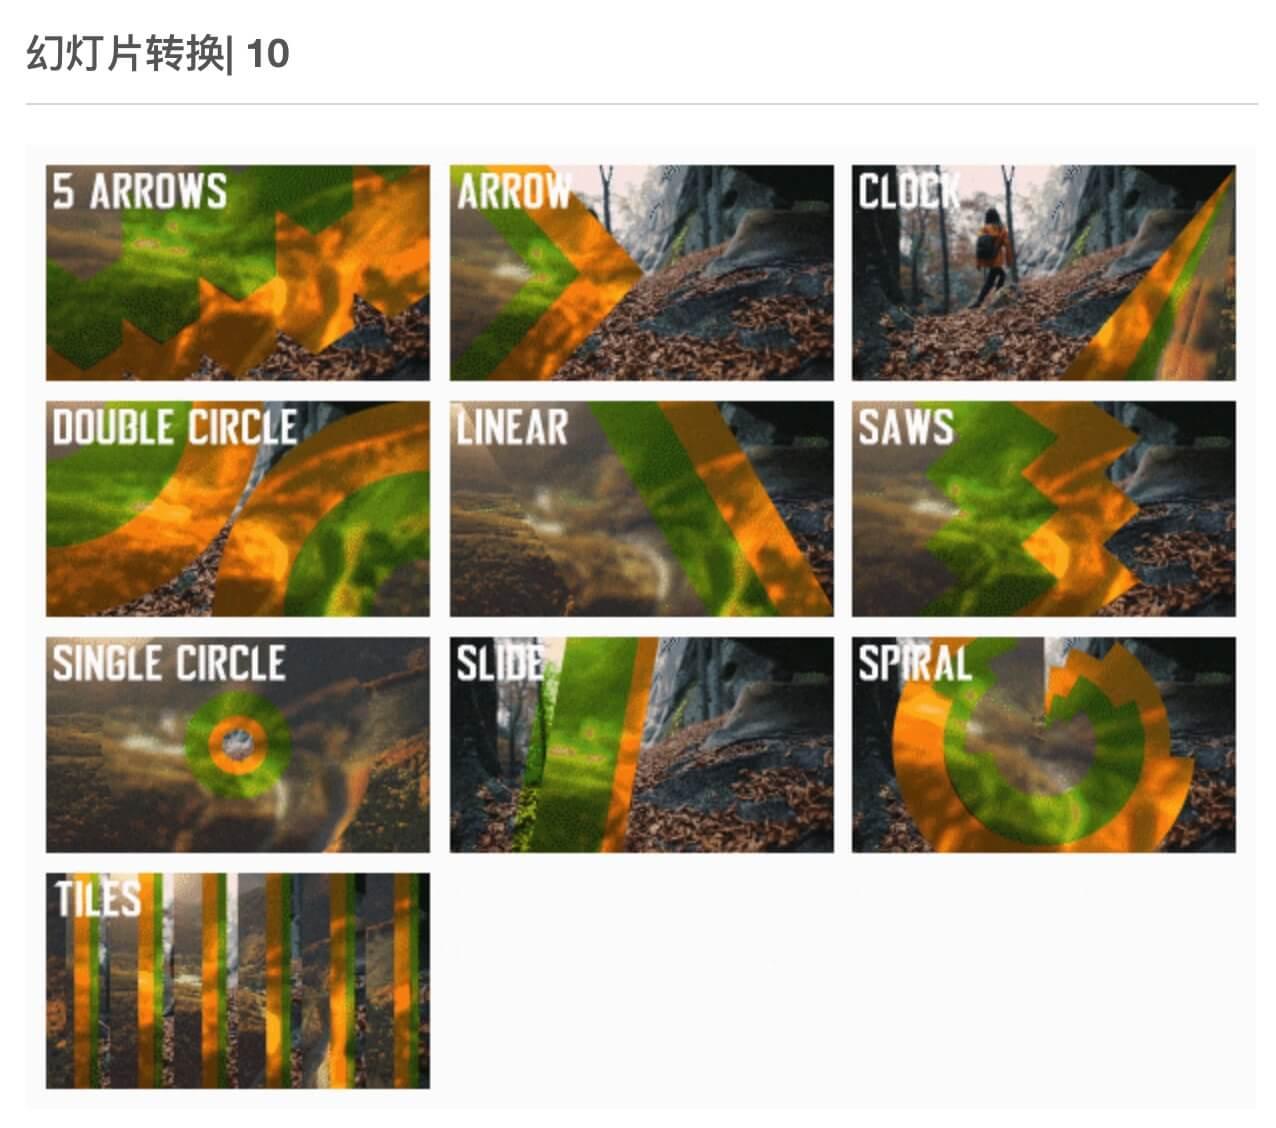 FCPX插件 205个光效烟雾火焰水墨图形故障视差漫画笔刷扭曲缩放转场附参考教程